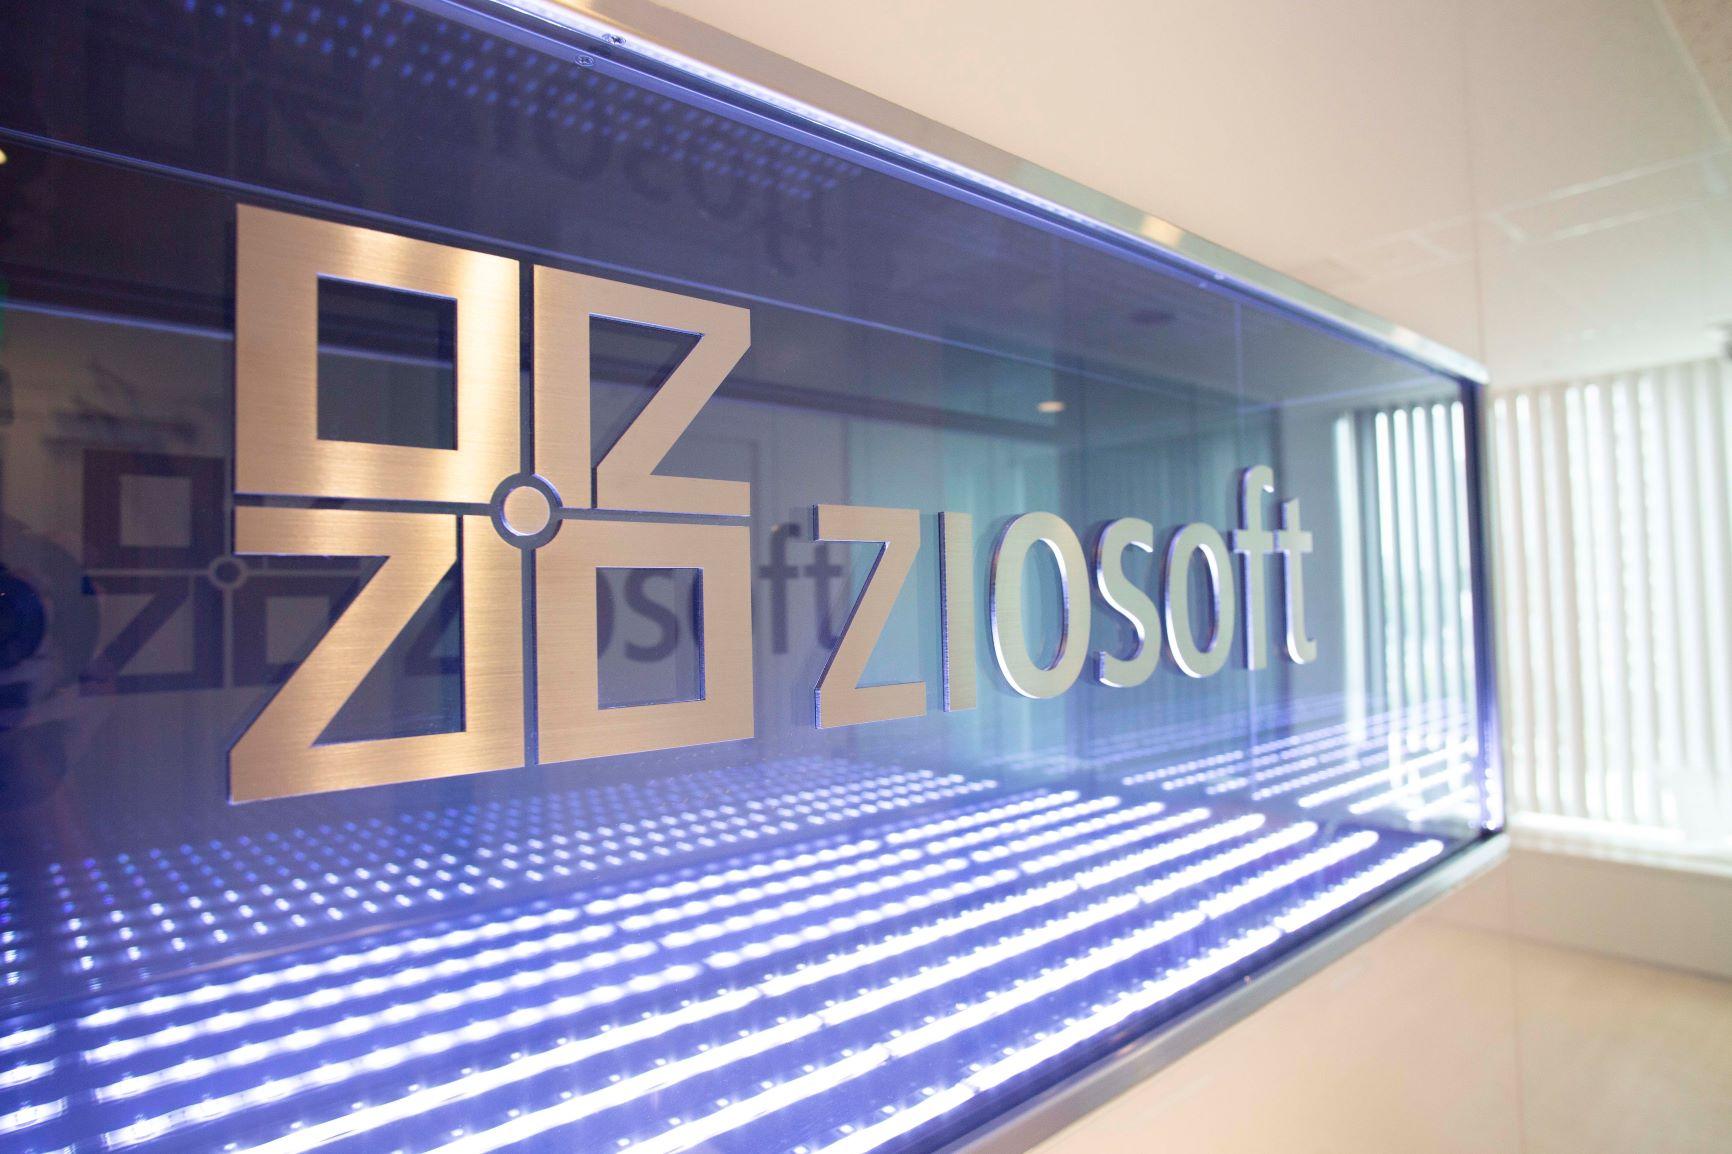 ザイオソフト株式会社